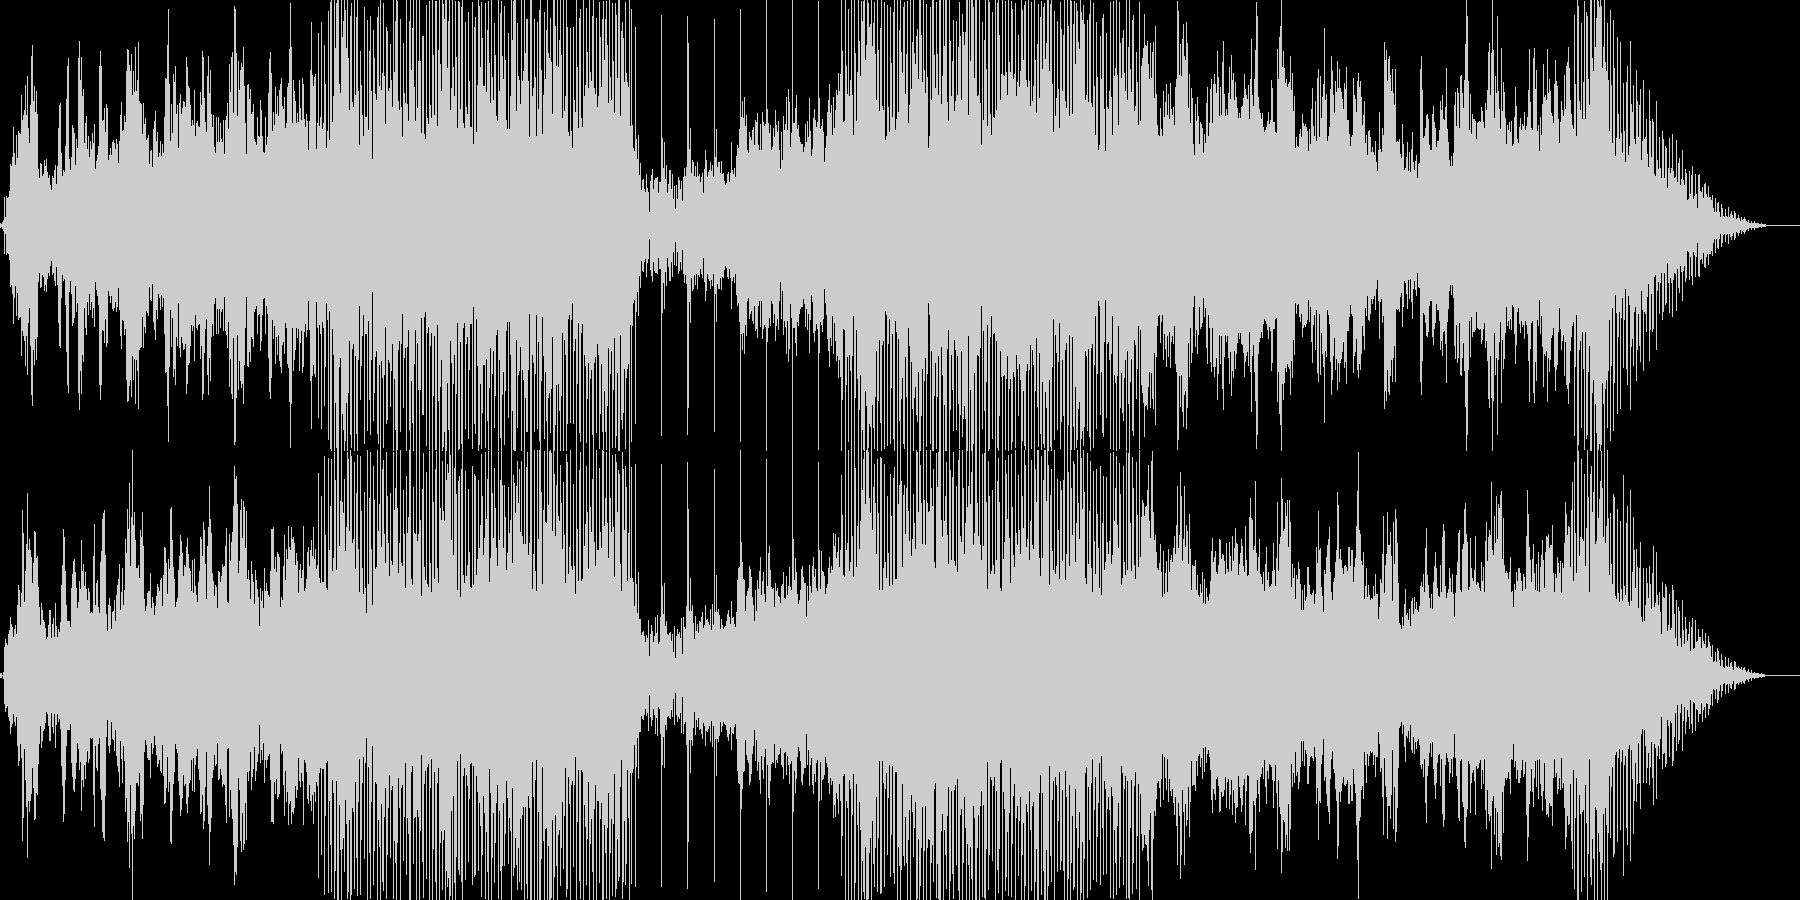 幻想的な空気のアンビエント楽曲です。の未再生の波形